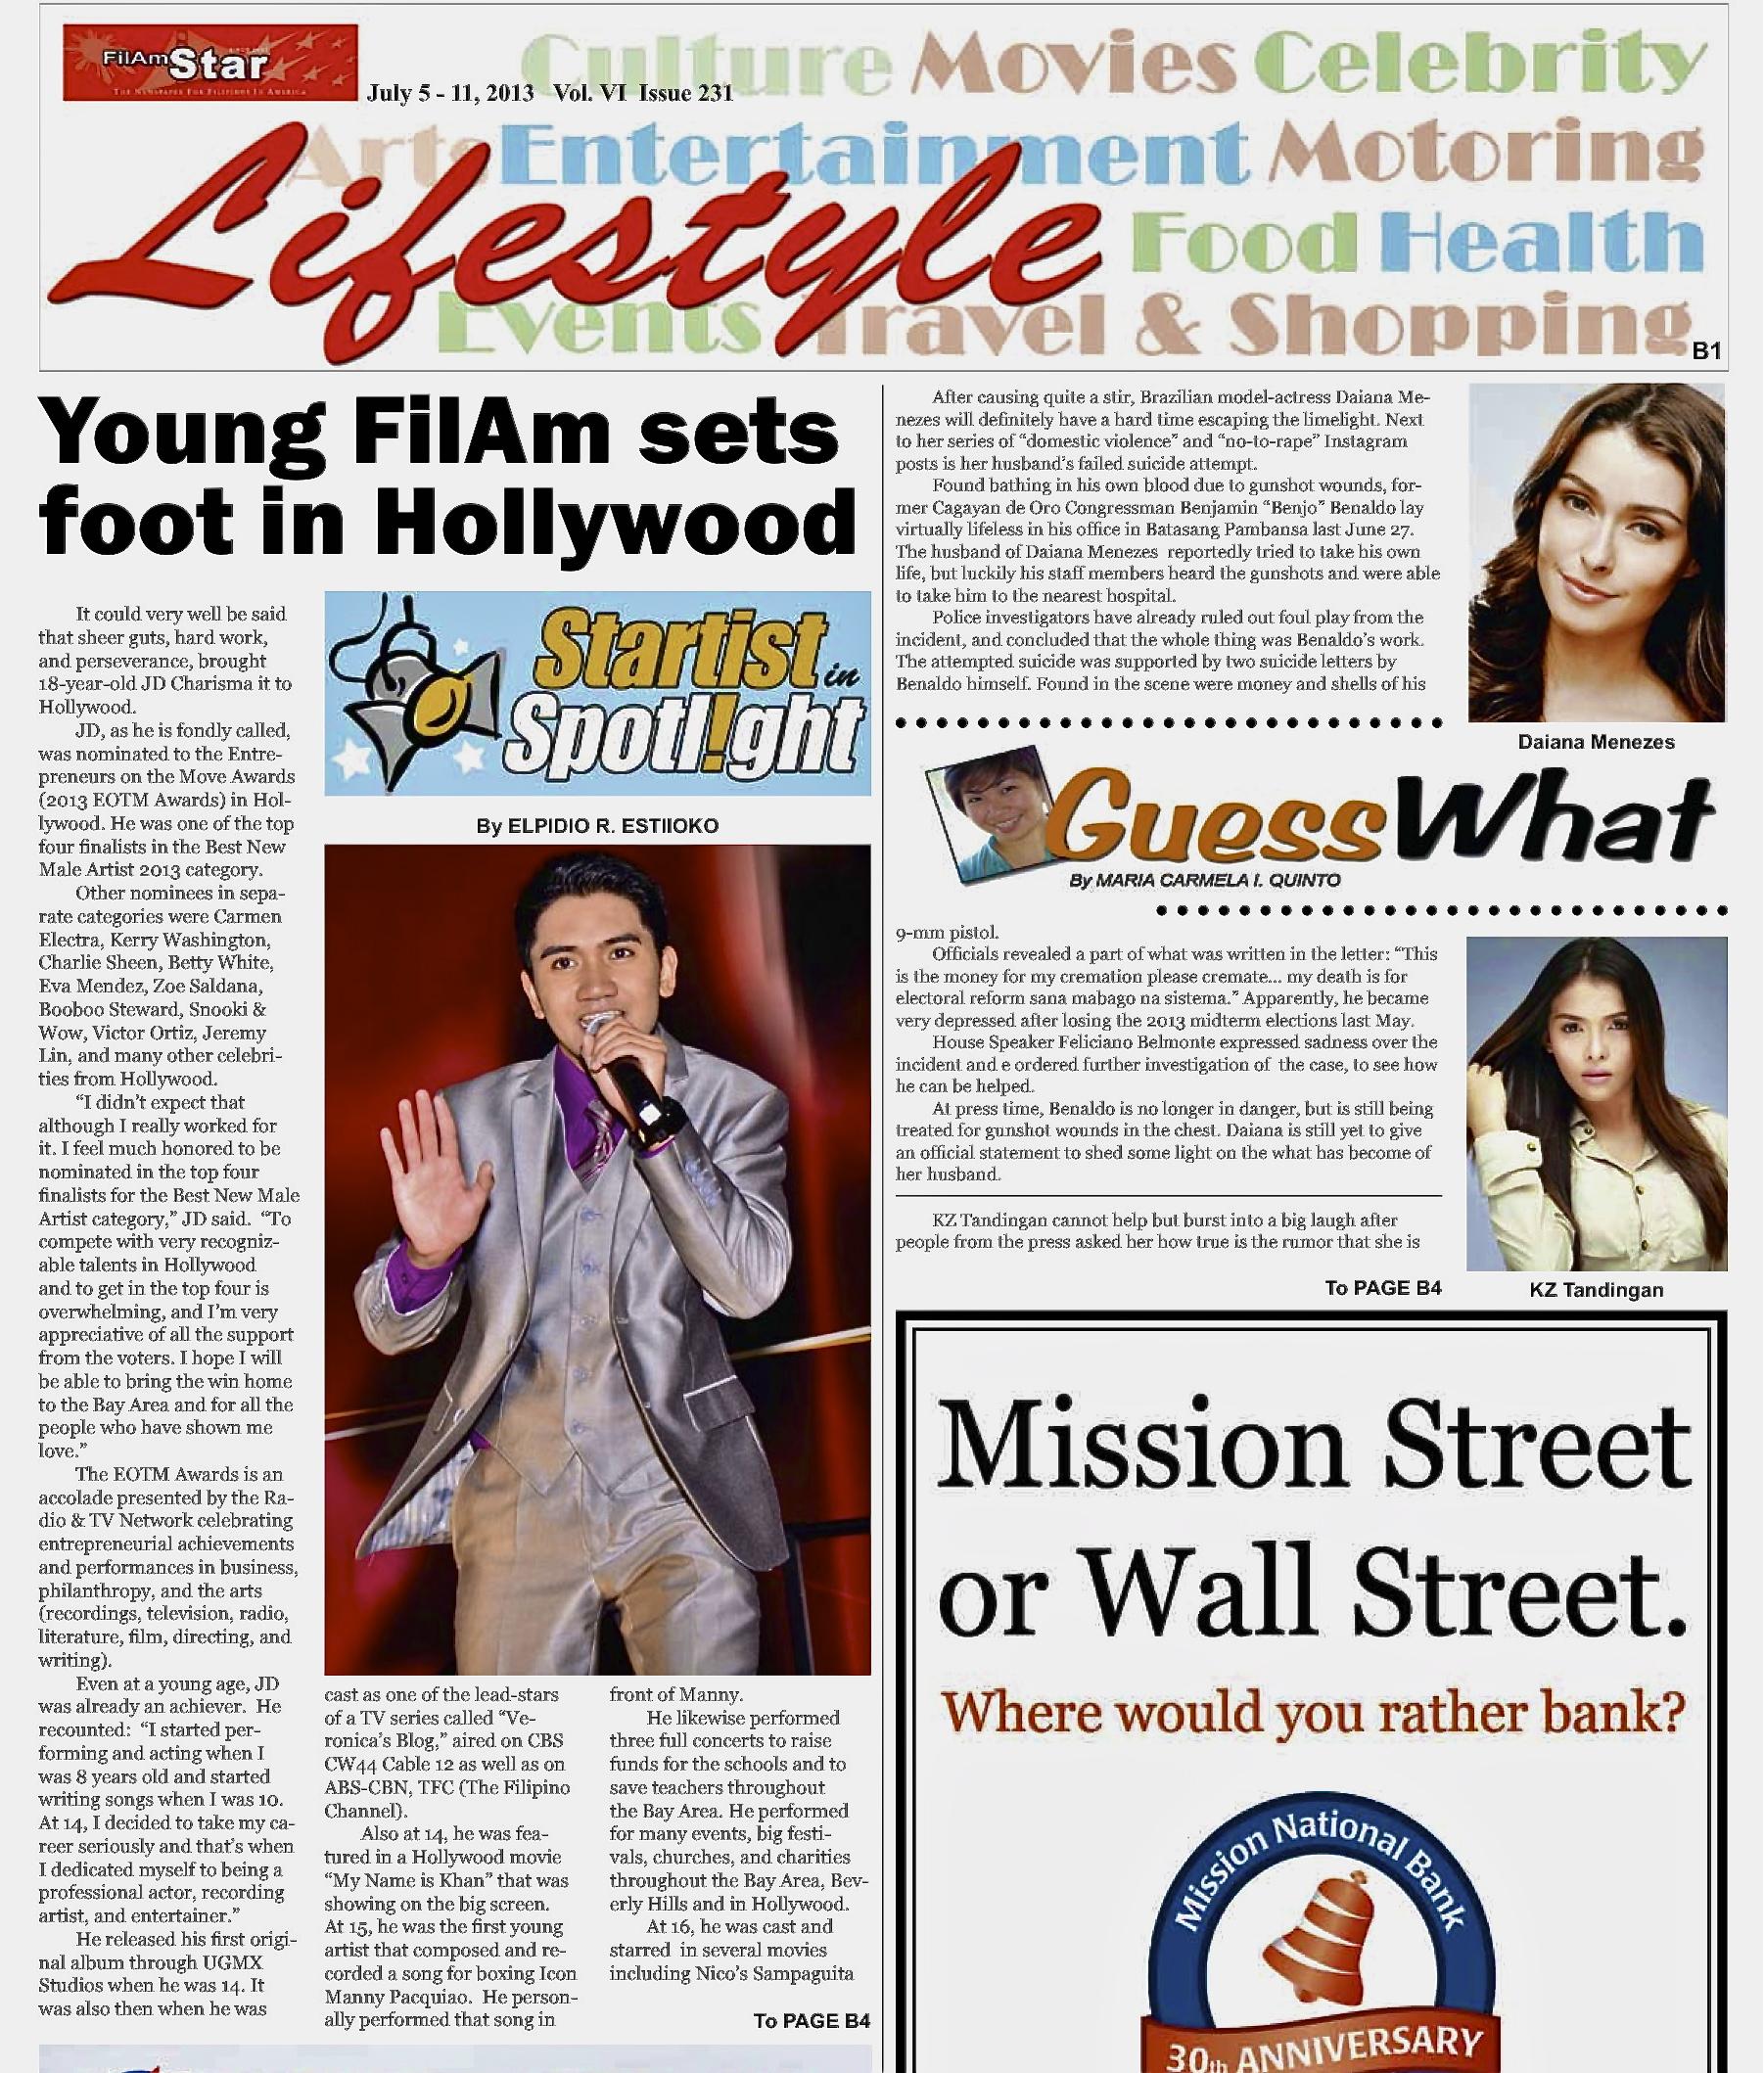 FilAm Star Cover Story Pg2 6-5-11-2013.jpg